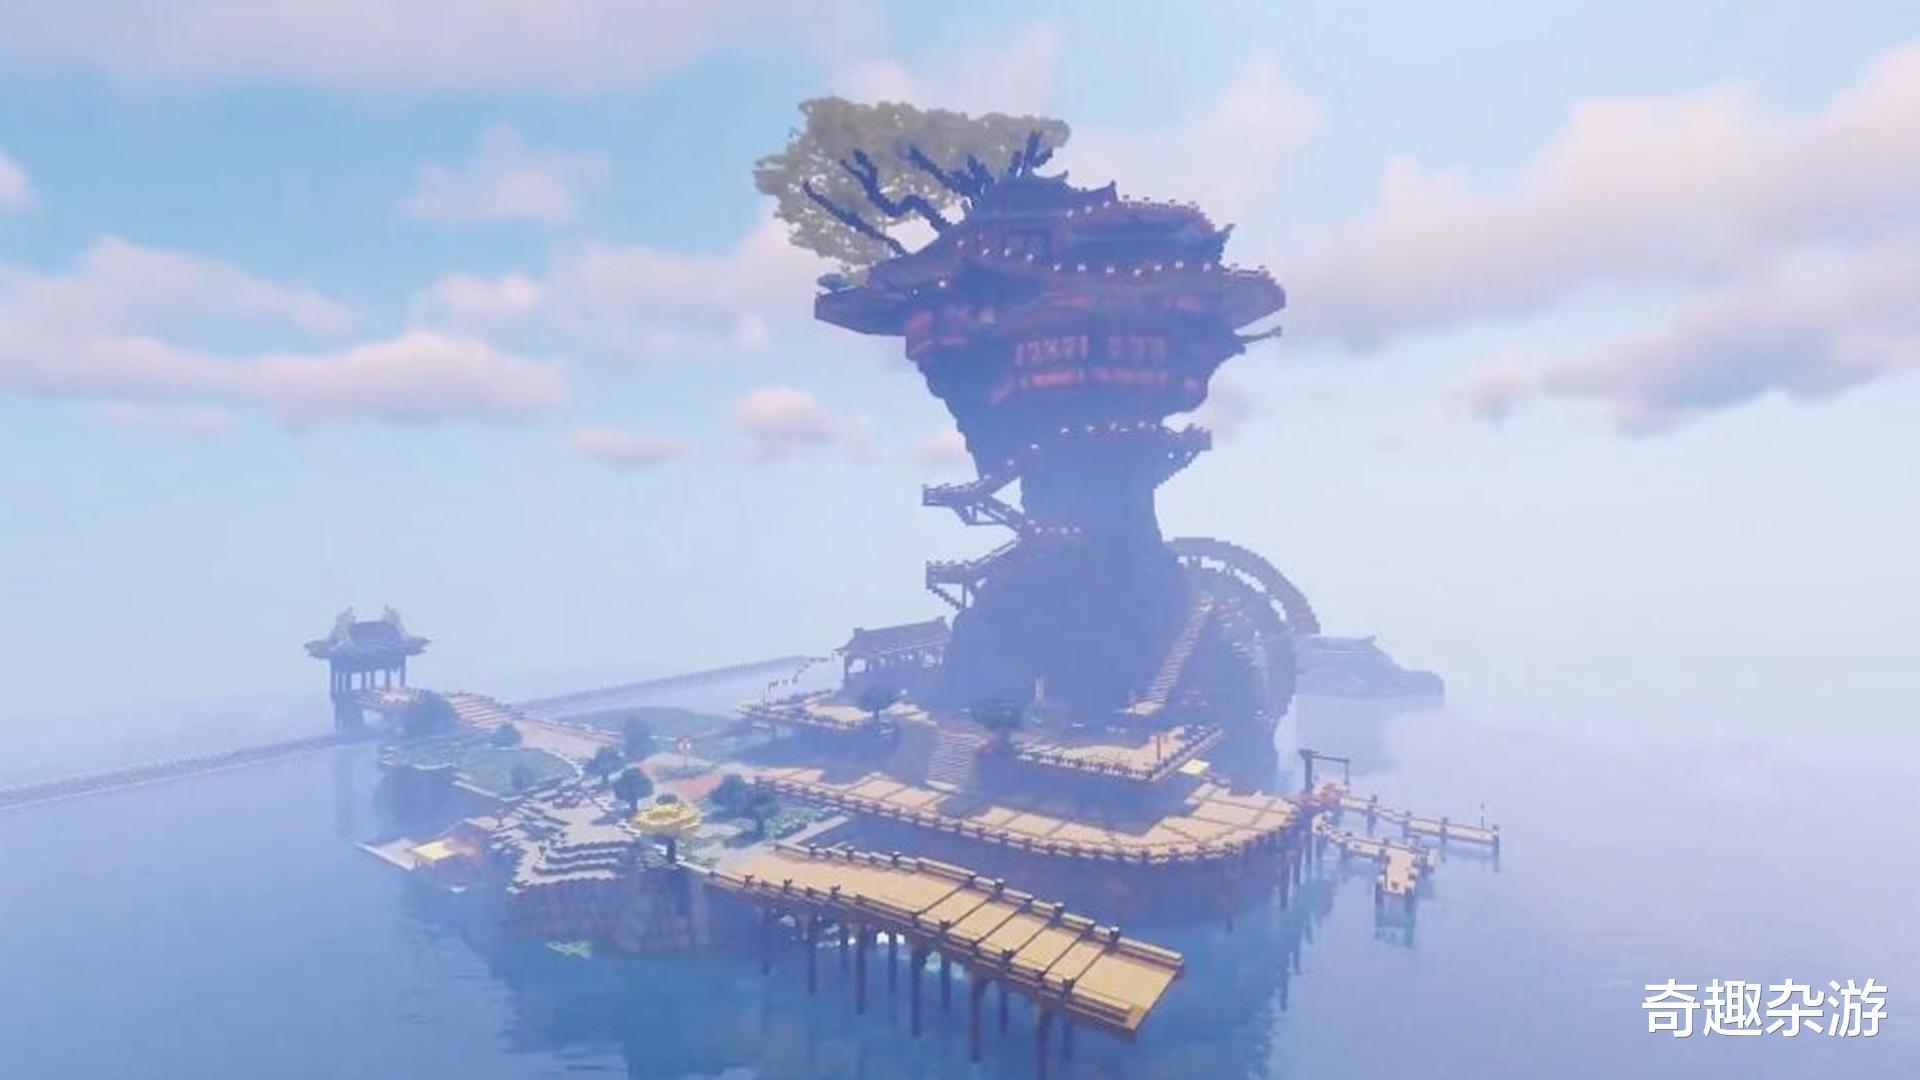 天希大航海时代ol_用《我的世界》的方式打开《原神》,看看不一样的提瓦特大陆-第5张图片-游戏摸鱼怪